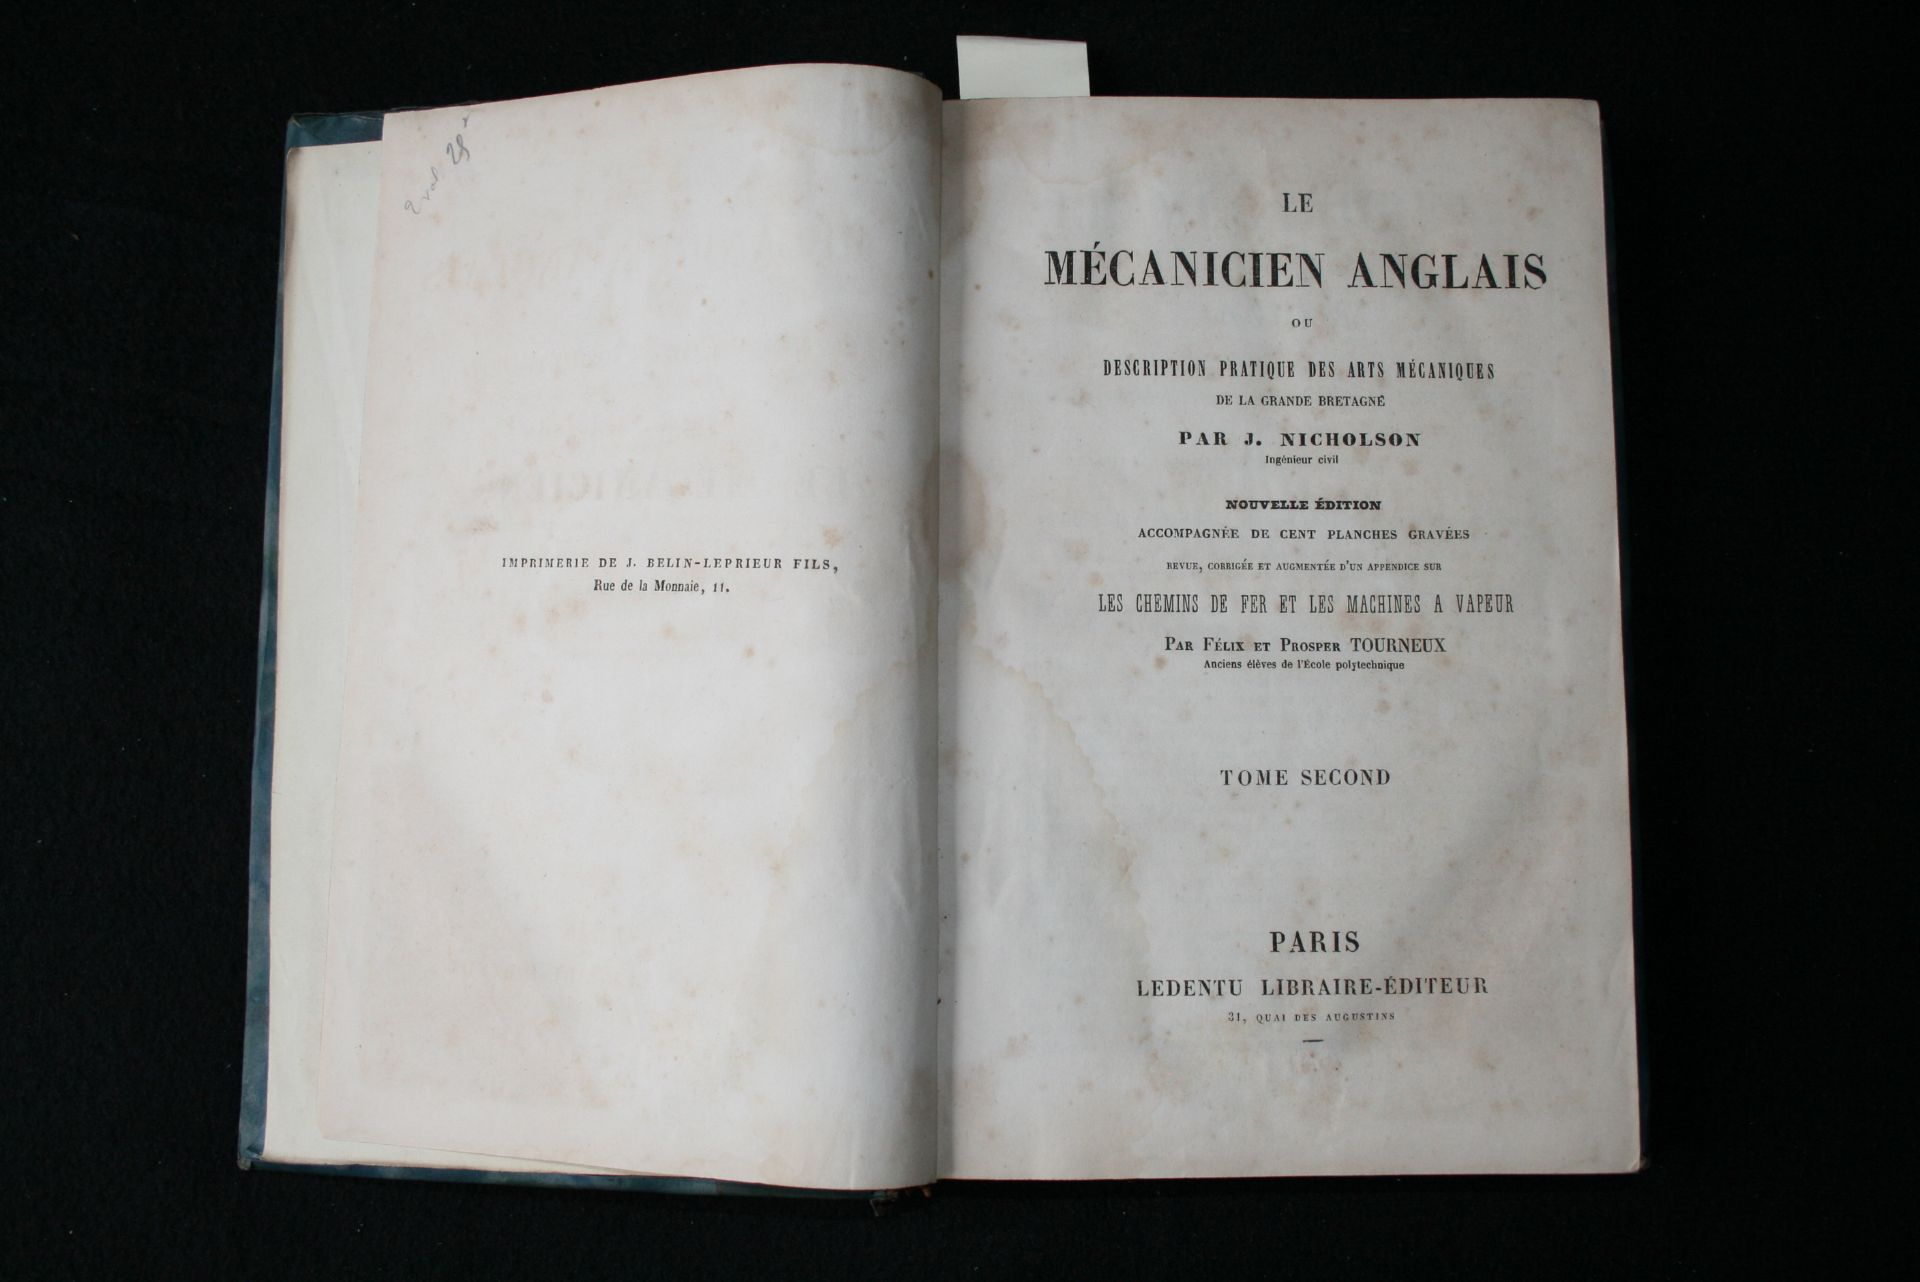 NICHOLSON J. - Le mécanicien anglais ou description pratique des arts mécaniques de [...]